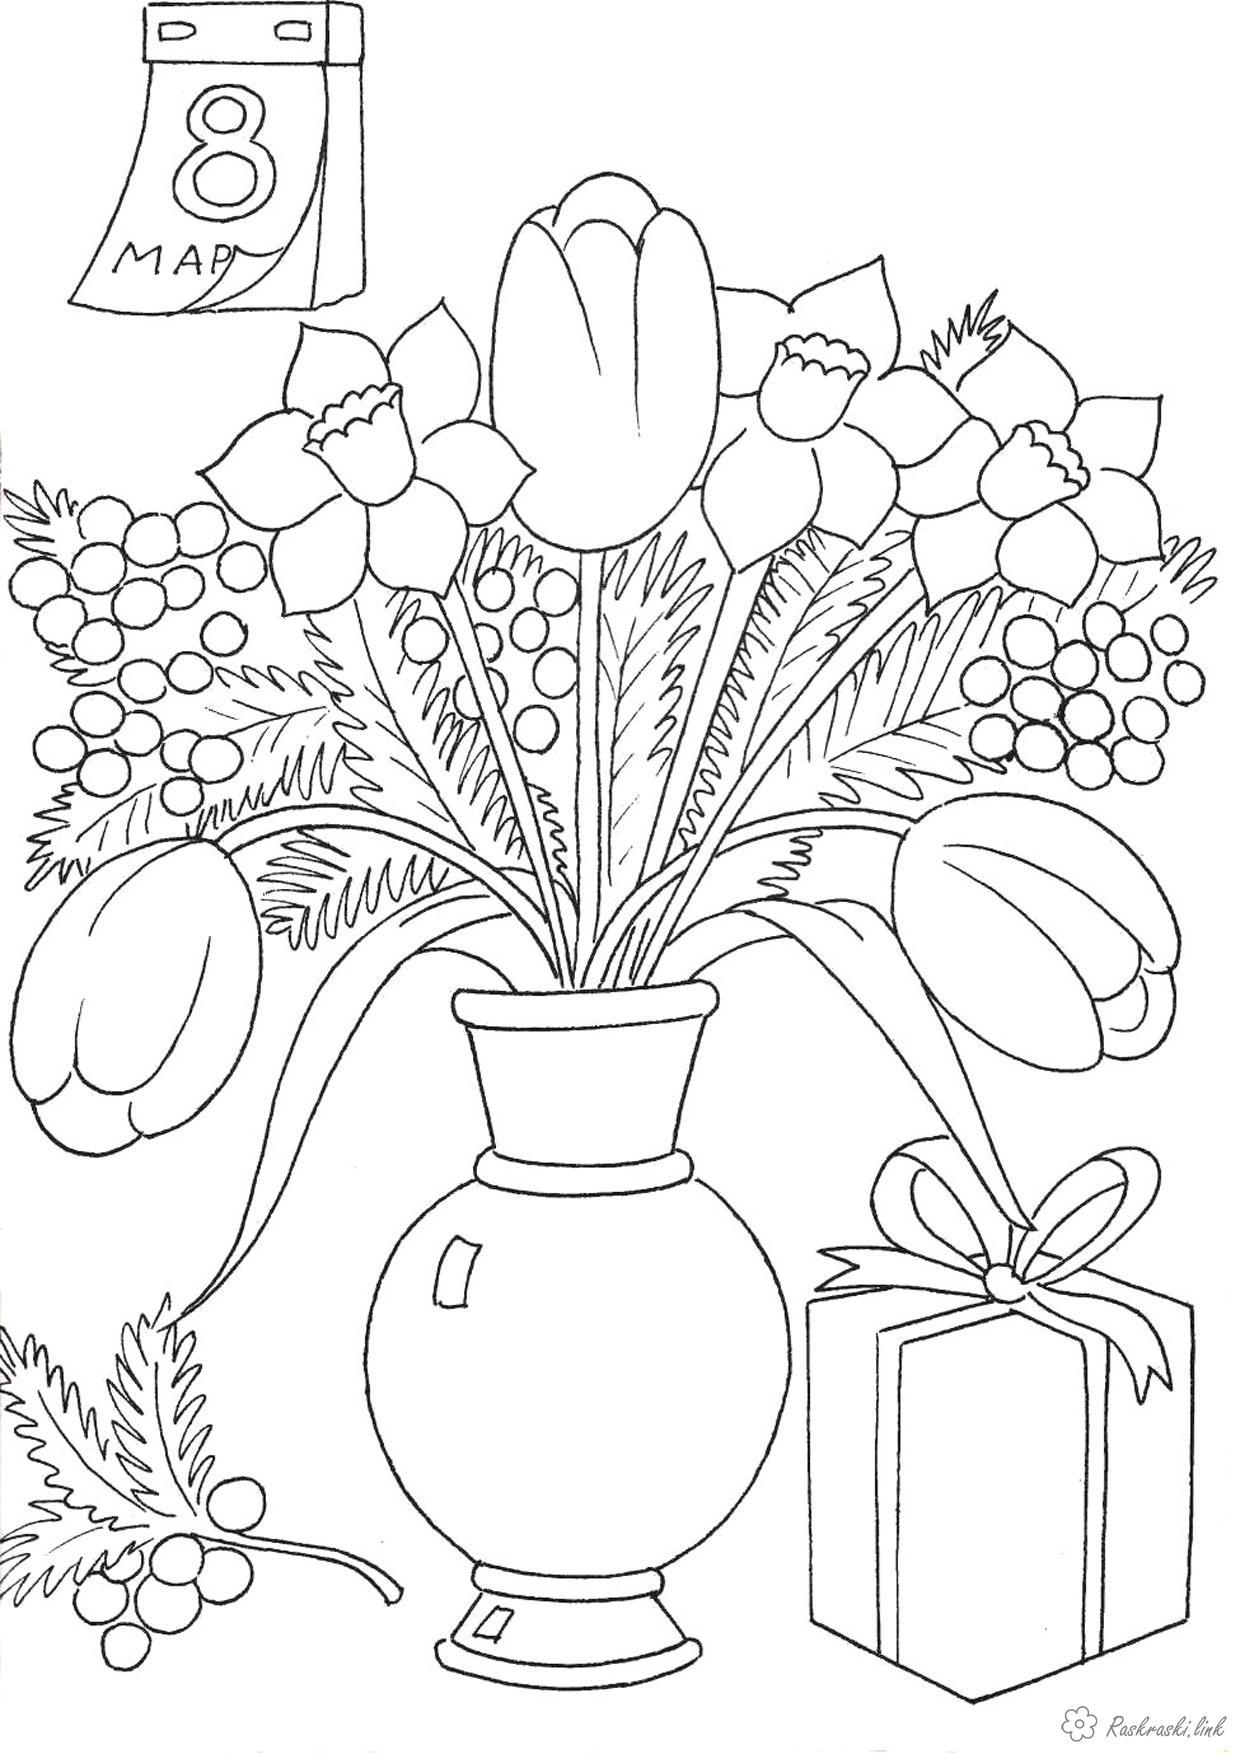 Coloring bouquet coloring pages, flowers, bouquet, March 8